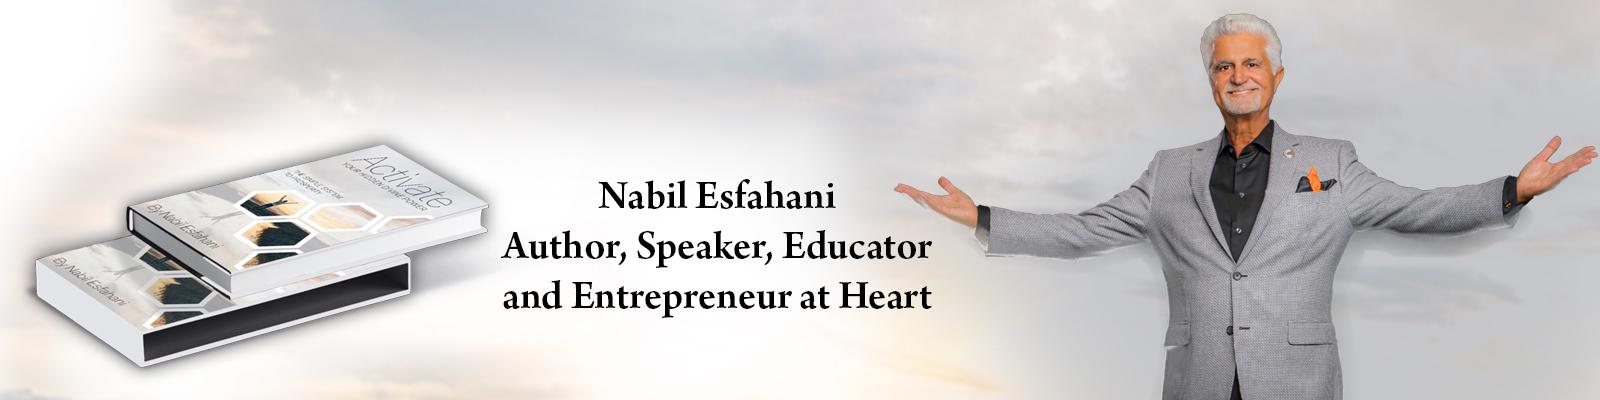 Nabil Esfahani